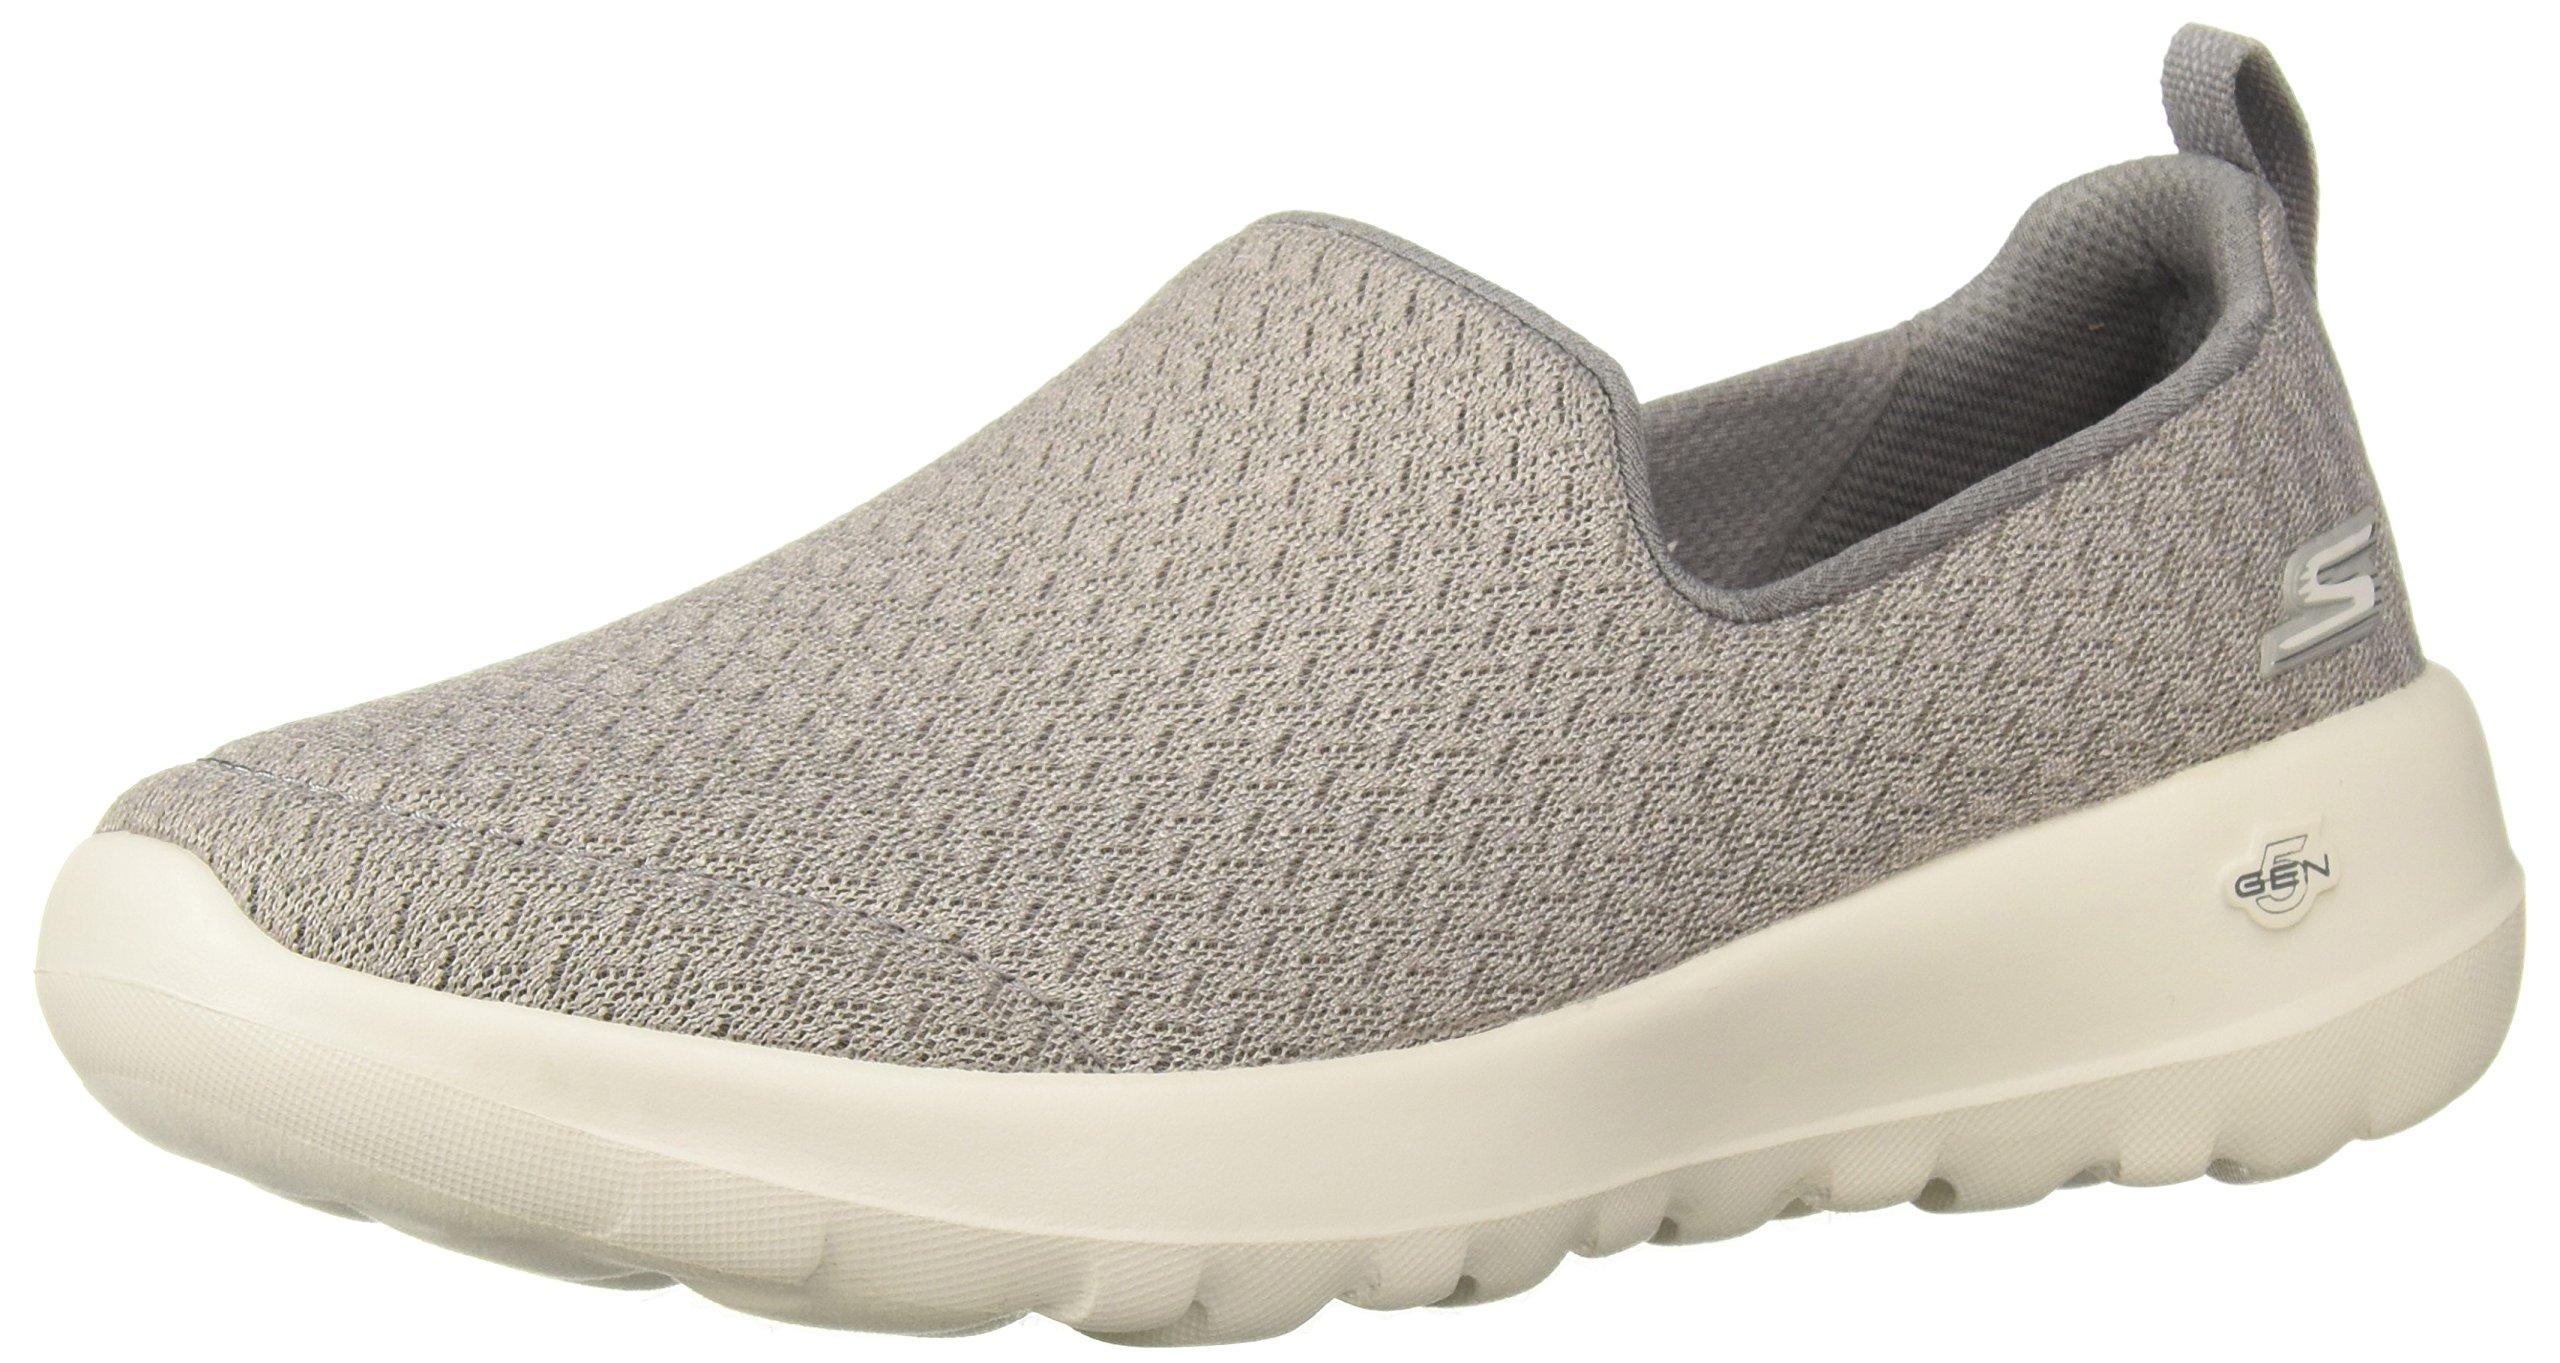 Skechers Performance Women's Go Walk Joy-15635 Sneaker,Gray,9 M US